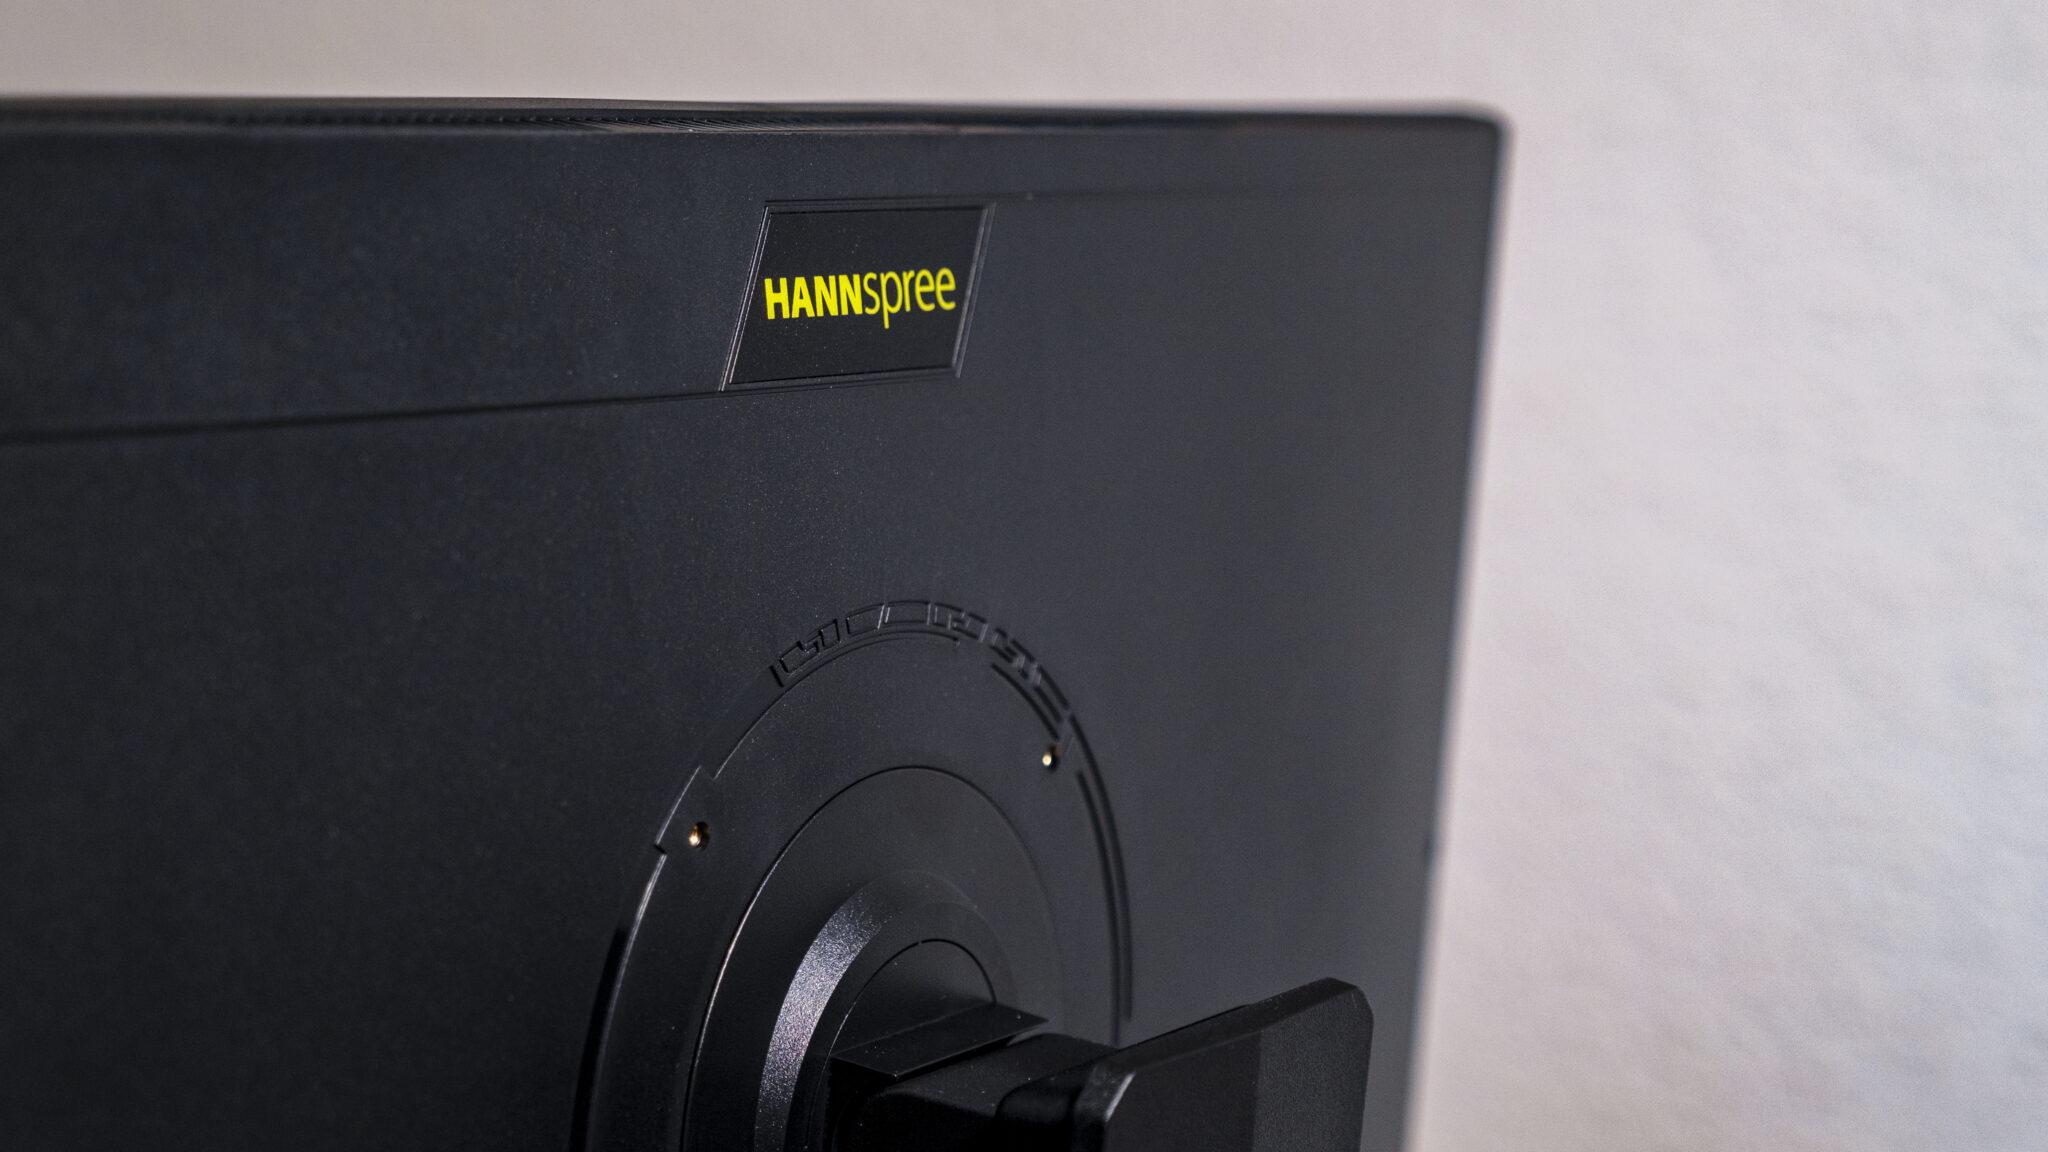 Hannspree 248WJB Office Monitor Rückseite Logo Hannspree